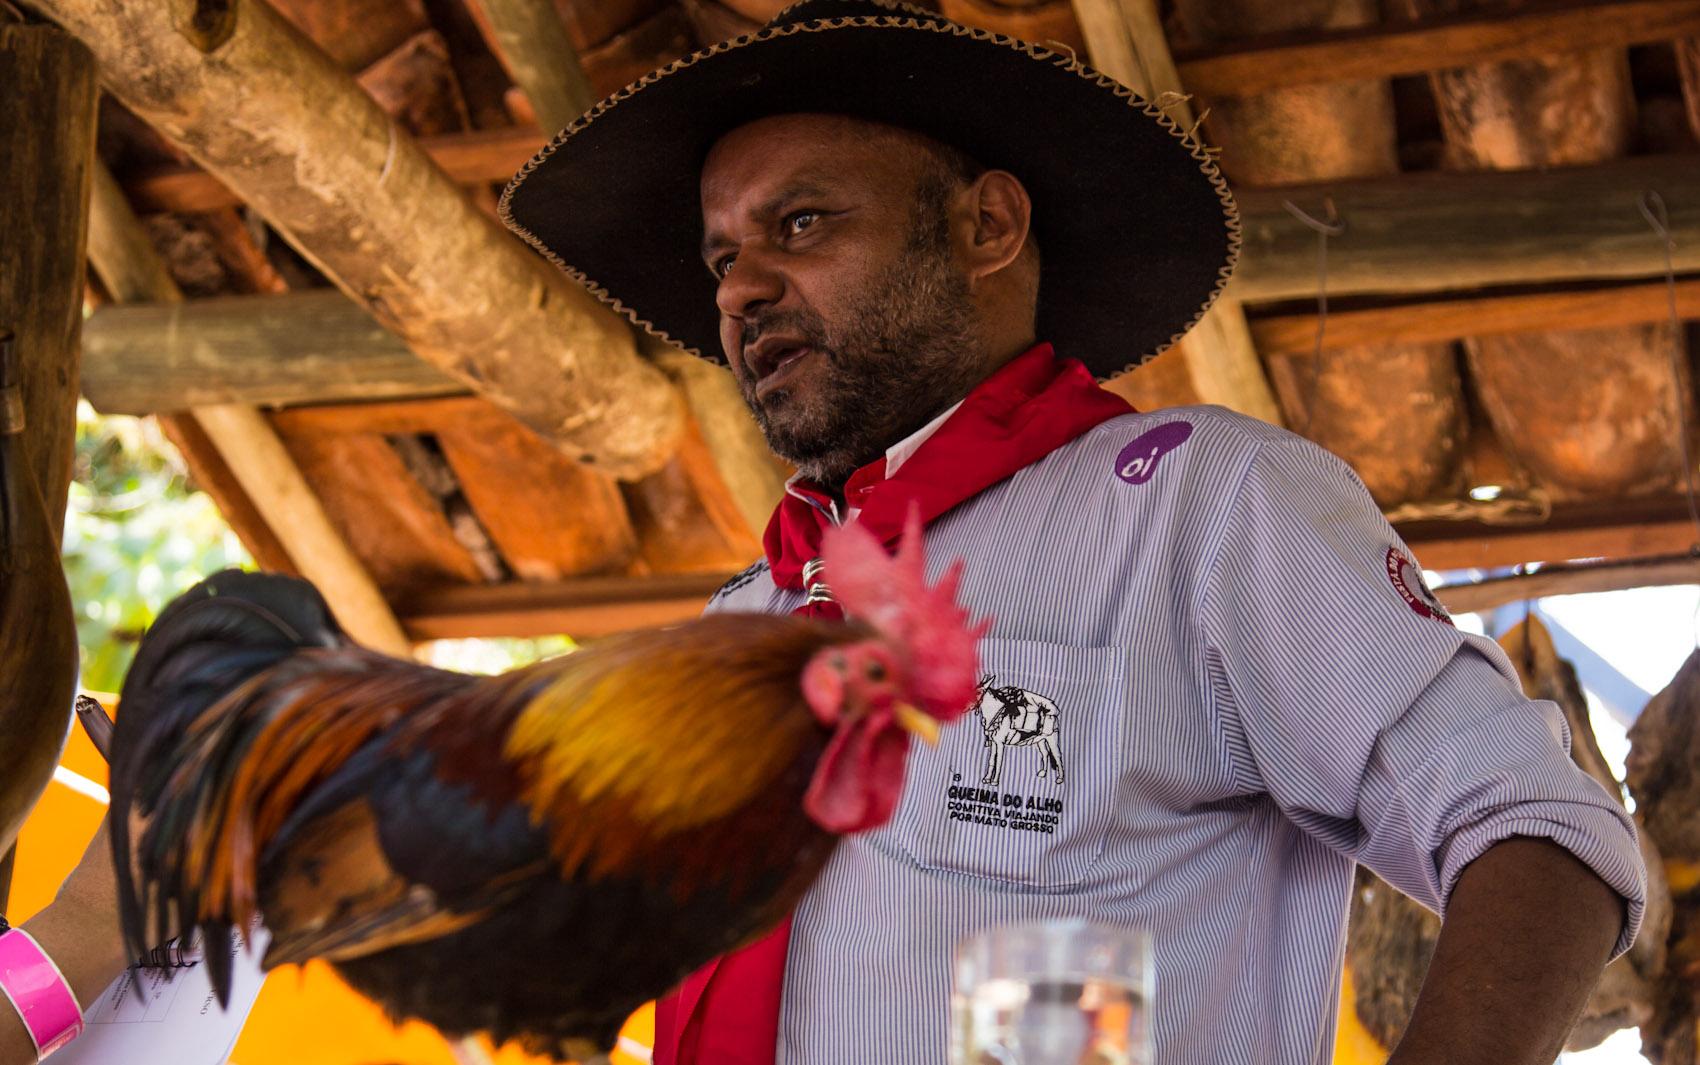 O comissário Luis Carlos Gonçalves veio de Cuiabá (MT) em uma comitiva de 16 tropeiros e trouxe o galo de estimação para a Queima do Alho em Barretos